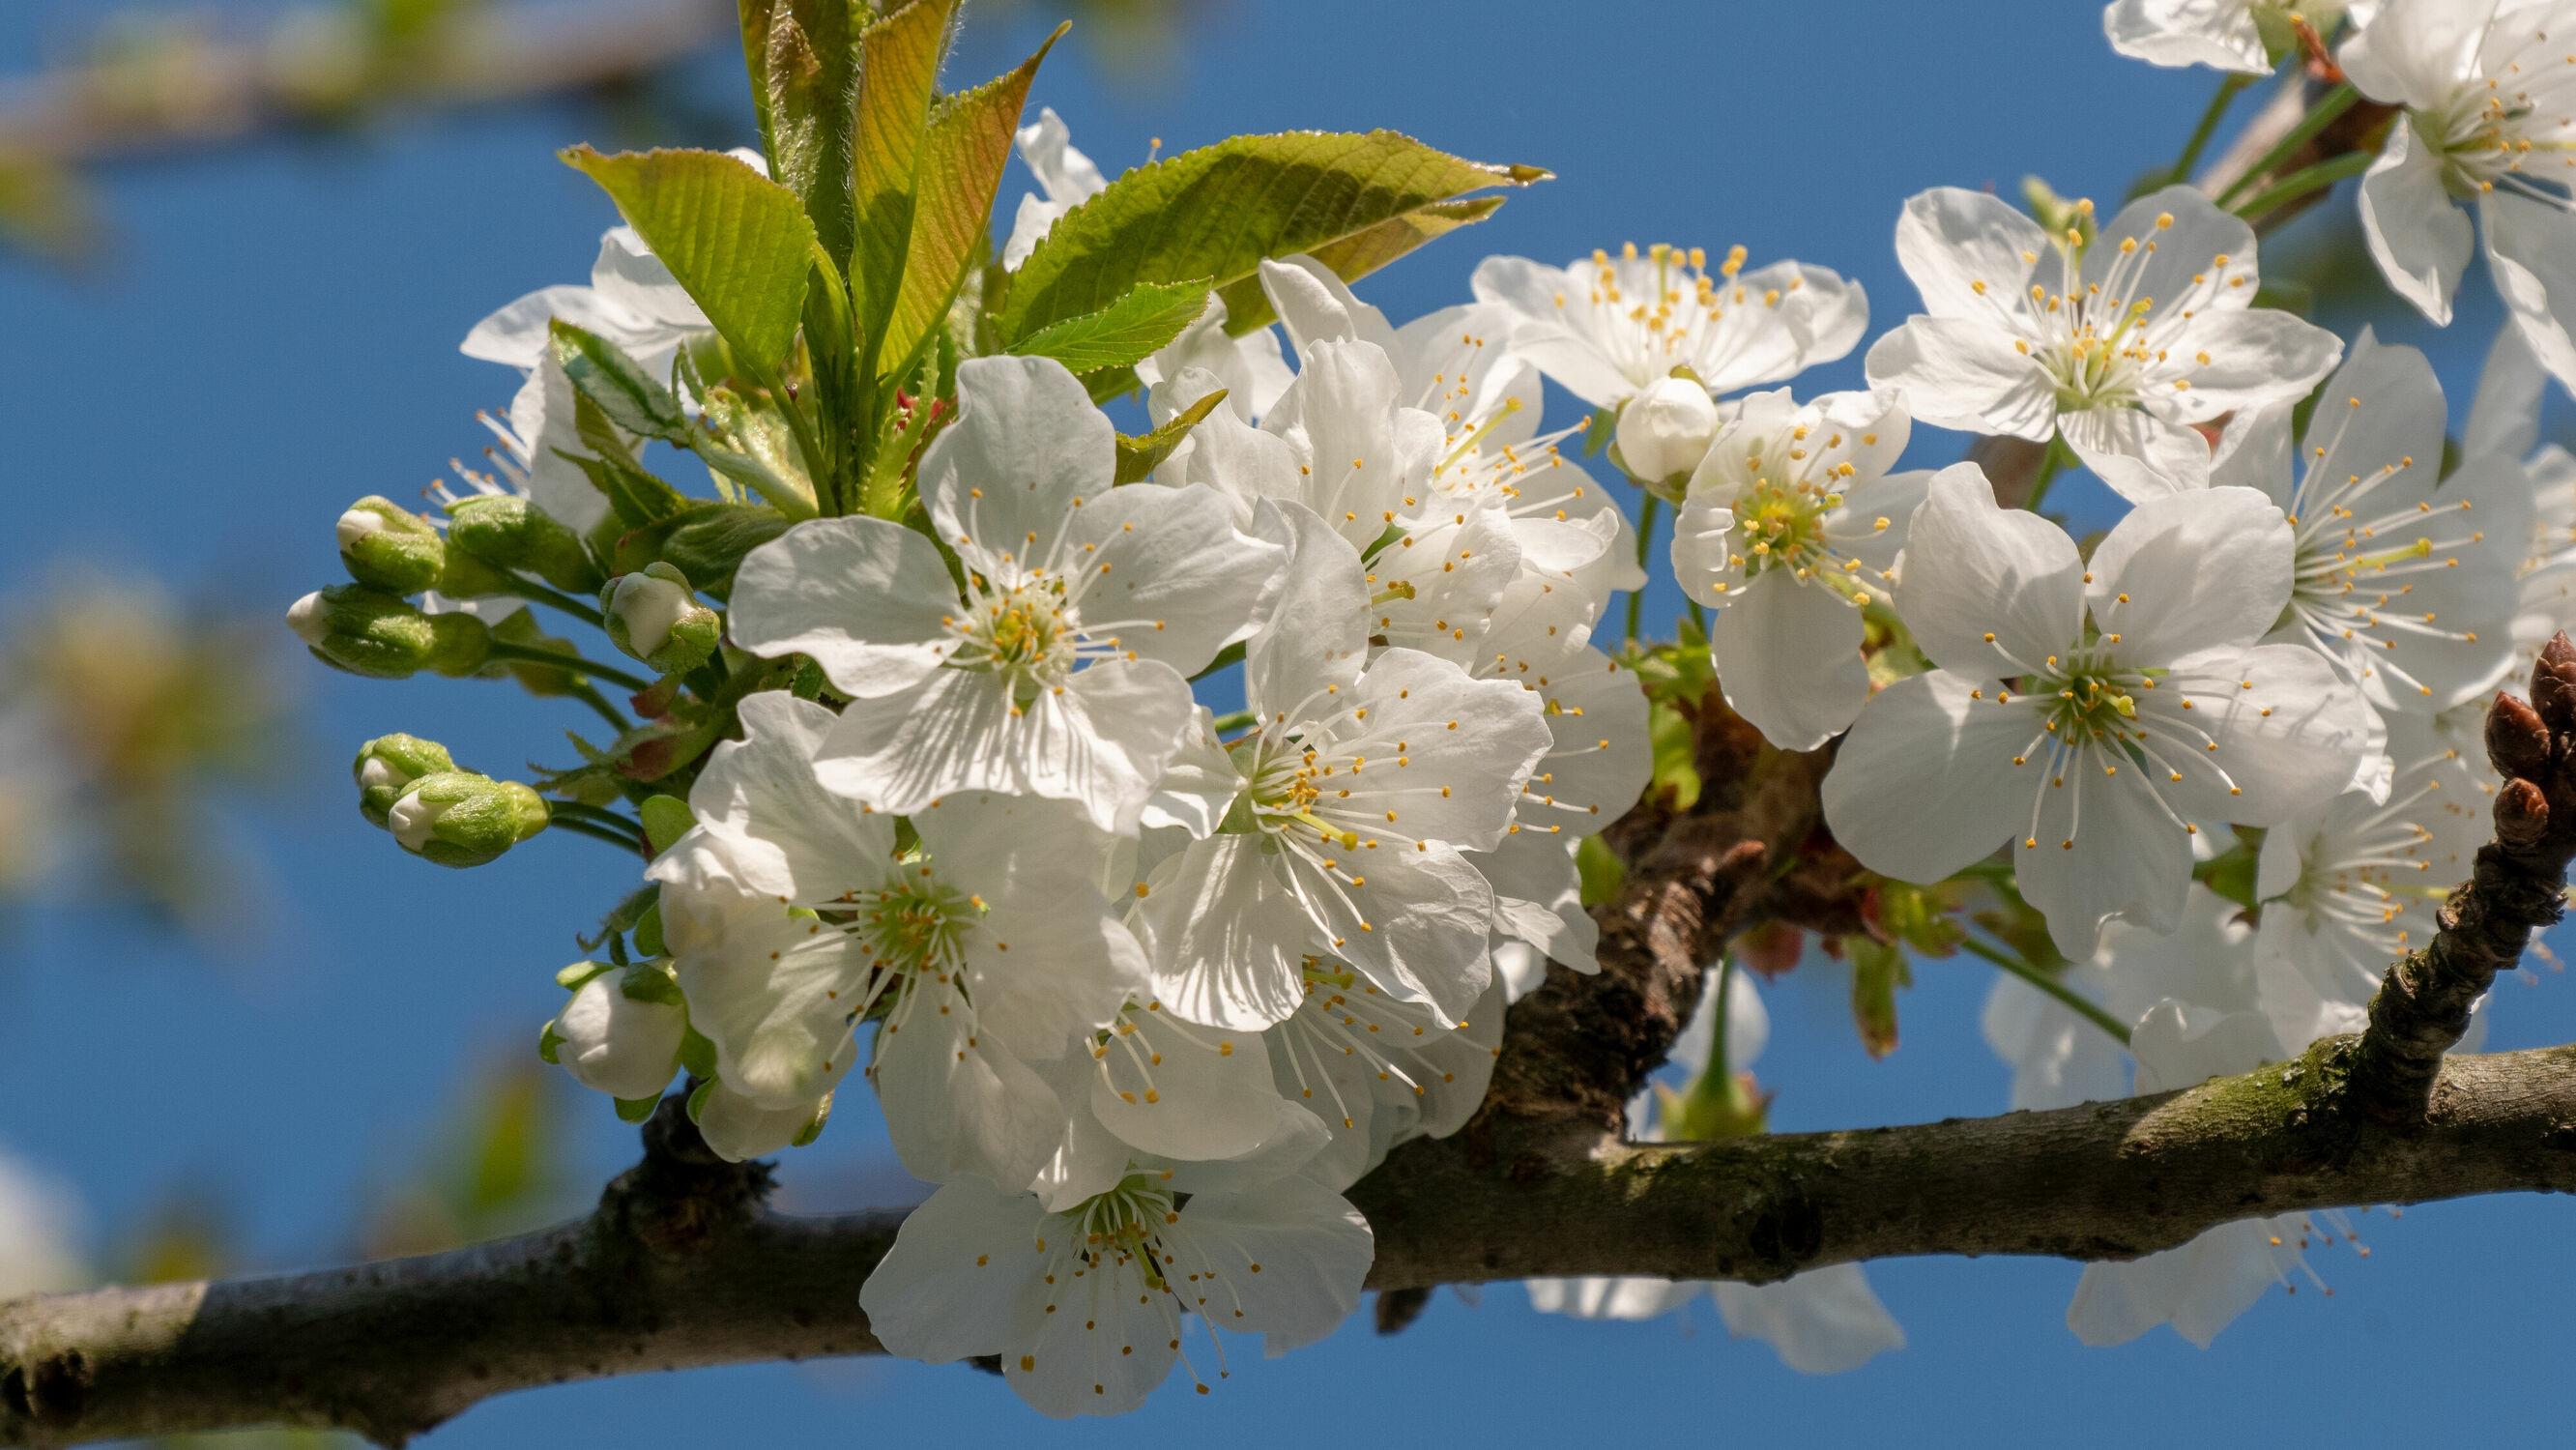 Bild mit Natur, Tageslicht, Blauer Himmel, Natur pur, macro, Zweig, apfelblüten, grüne Blätter